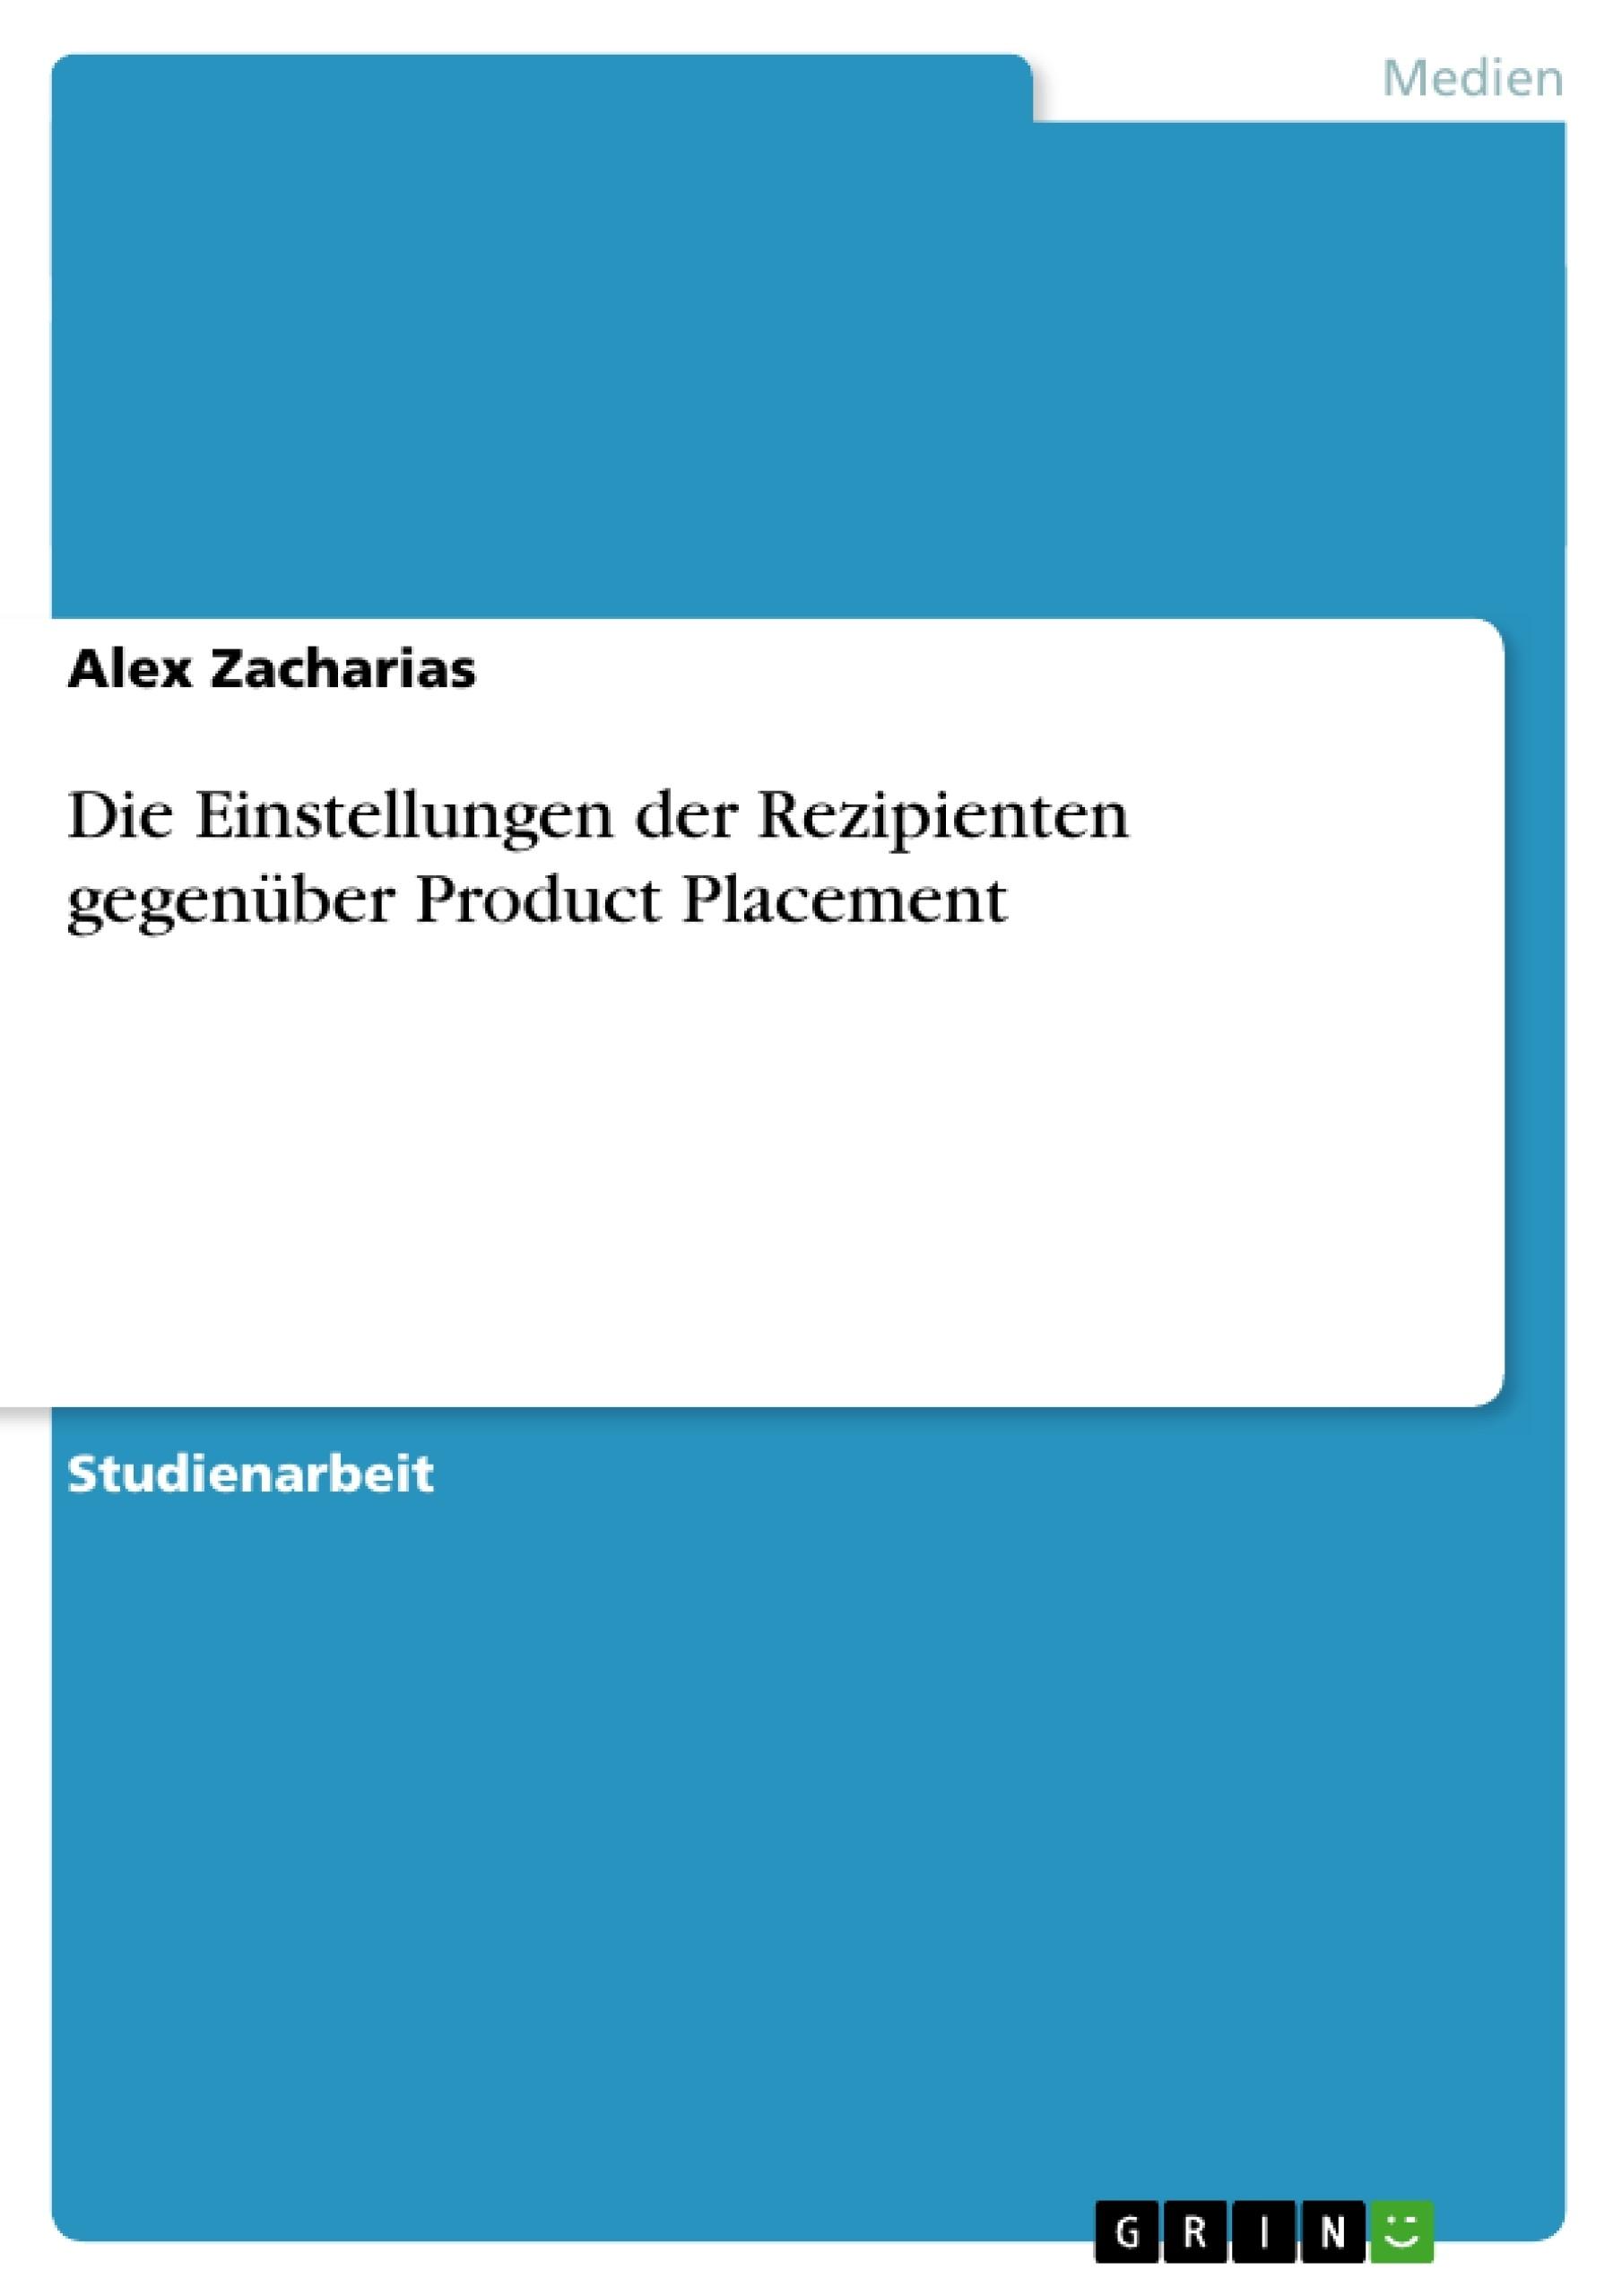 Titel: Die Einstellungen der Rezipienten gegenüber Product Placement